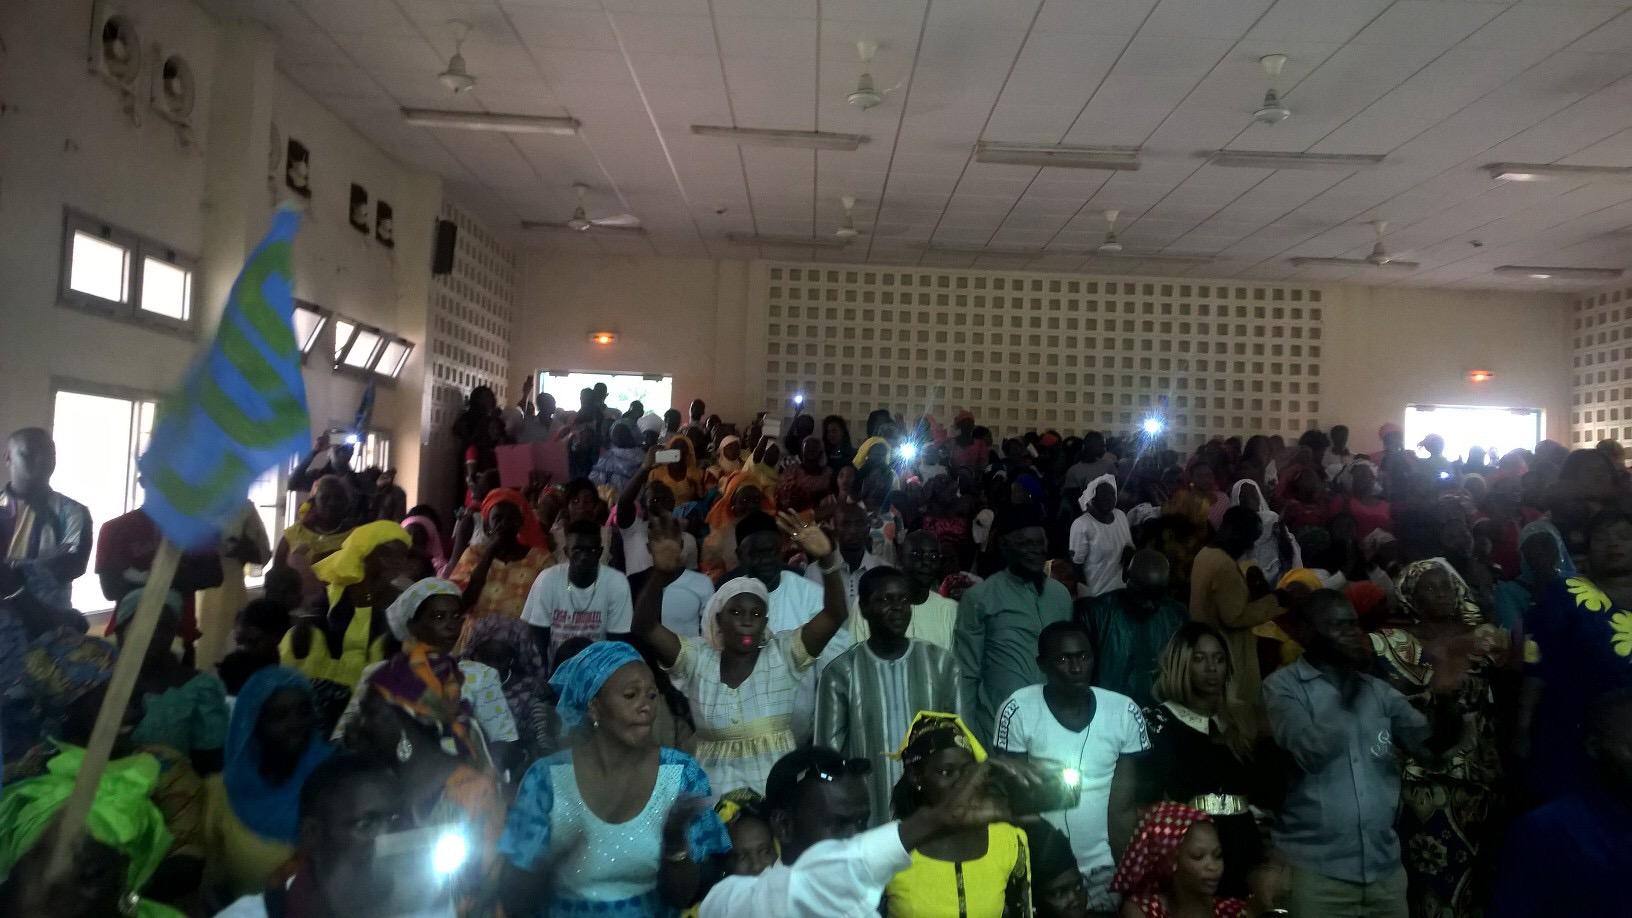 Législatives 2017/Rufisque : La coalition gagnante Wattu Sénégal met en place son comité électoral et se tient prêt pour réserver un accueil populaire à WADE.